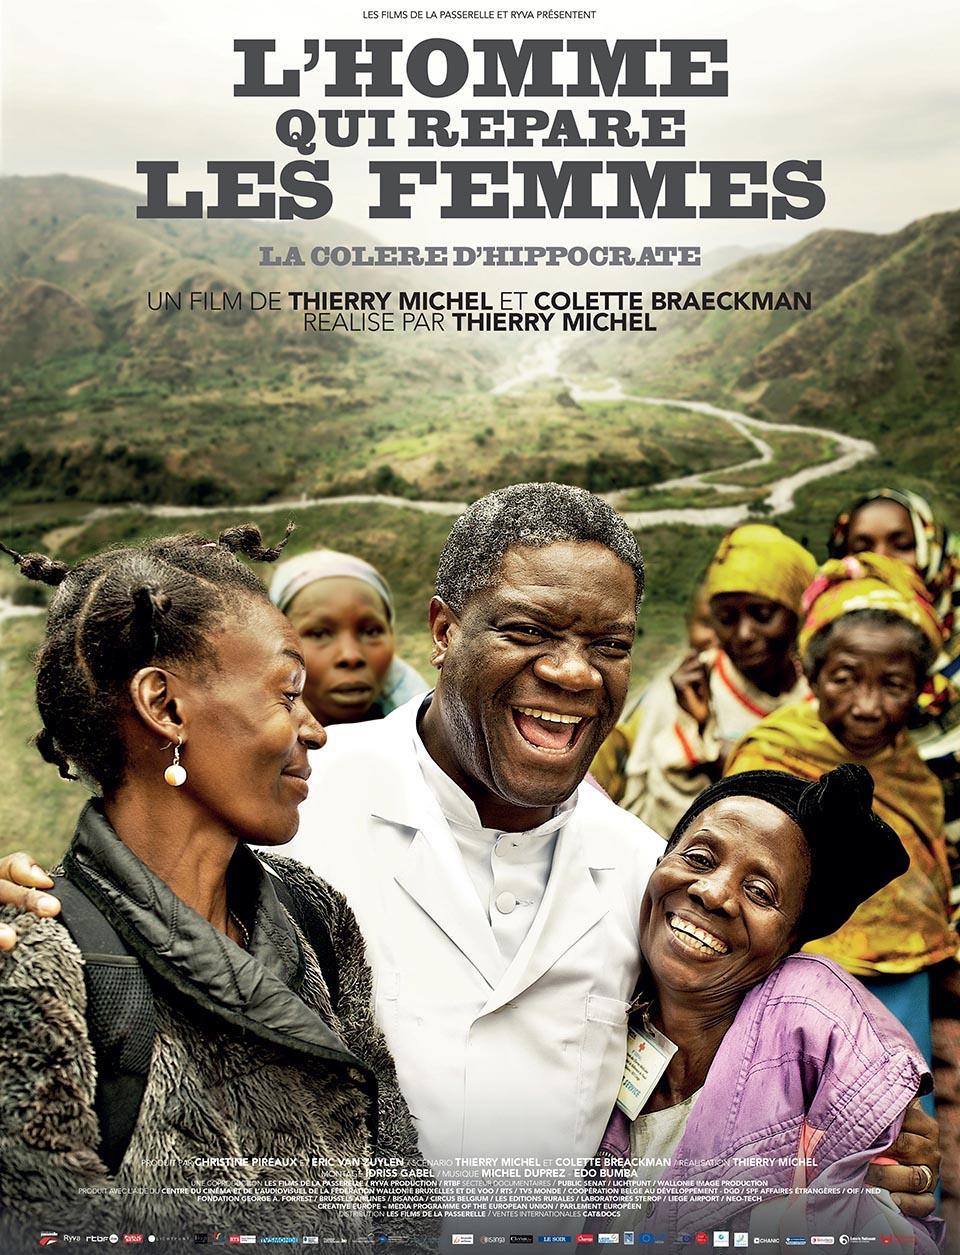 C COMME CONGO (République démocratique duCongo)